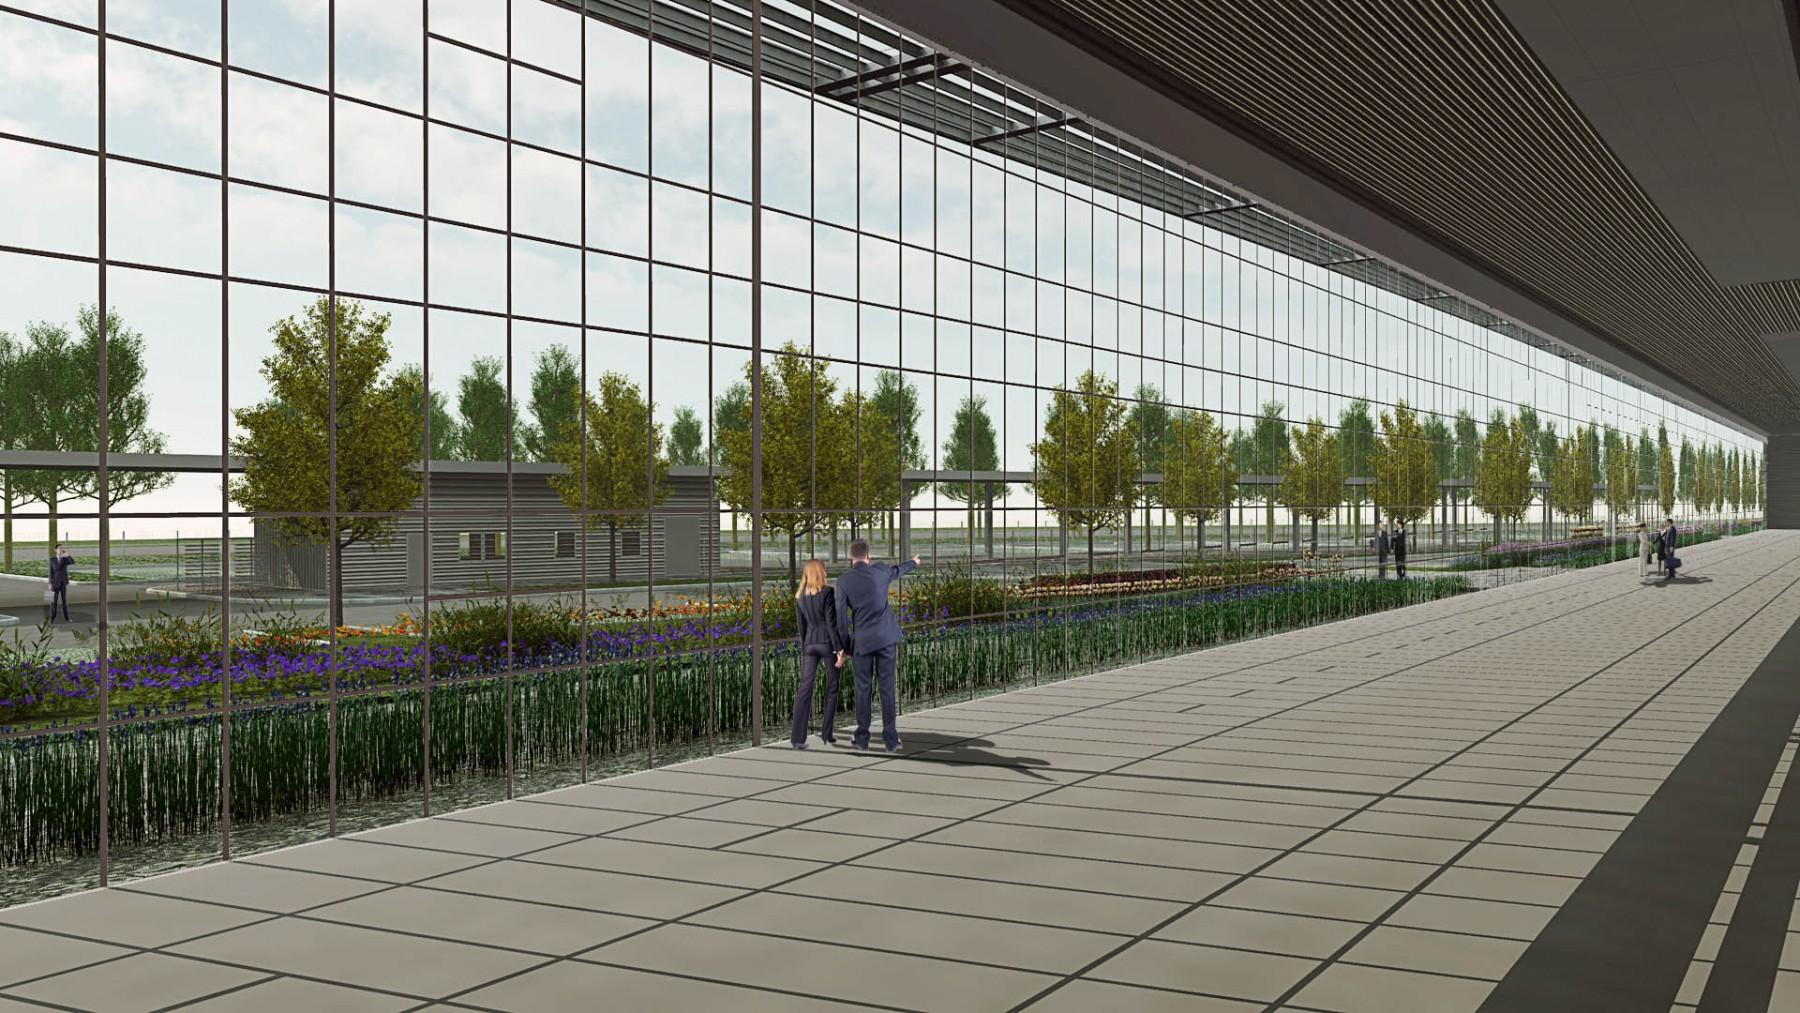 Landscape design 景观设计